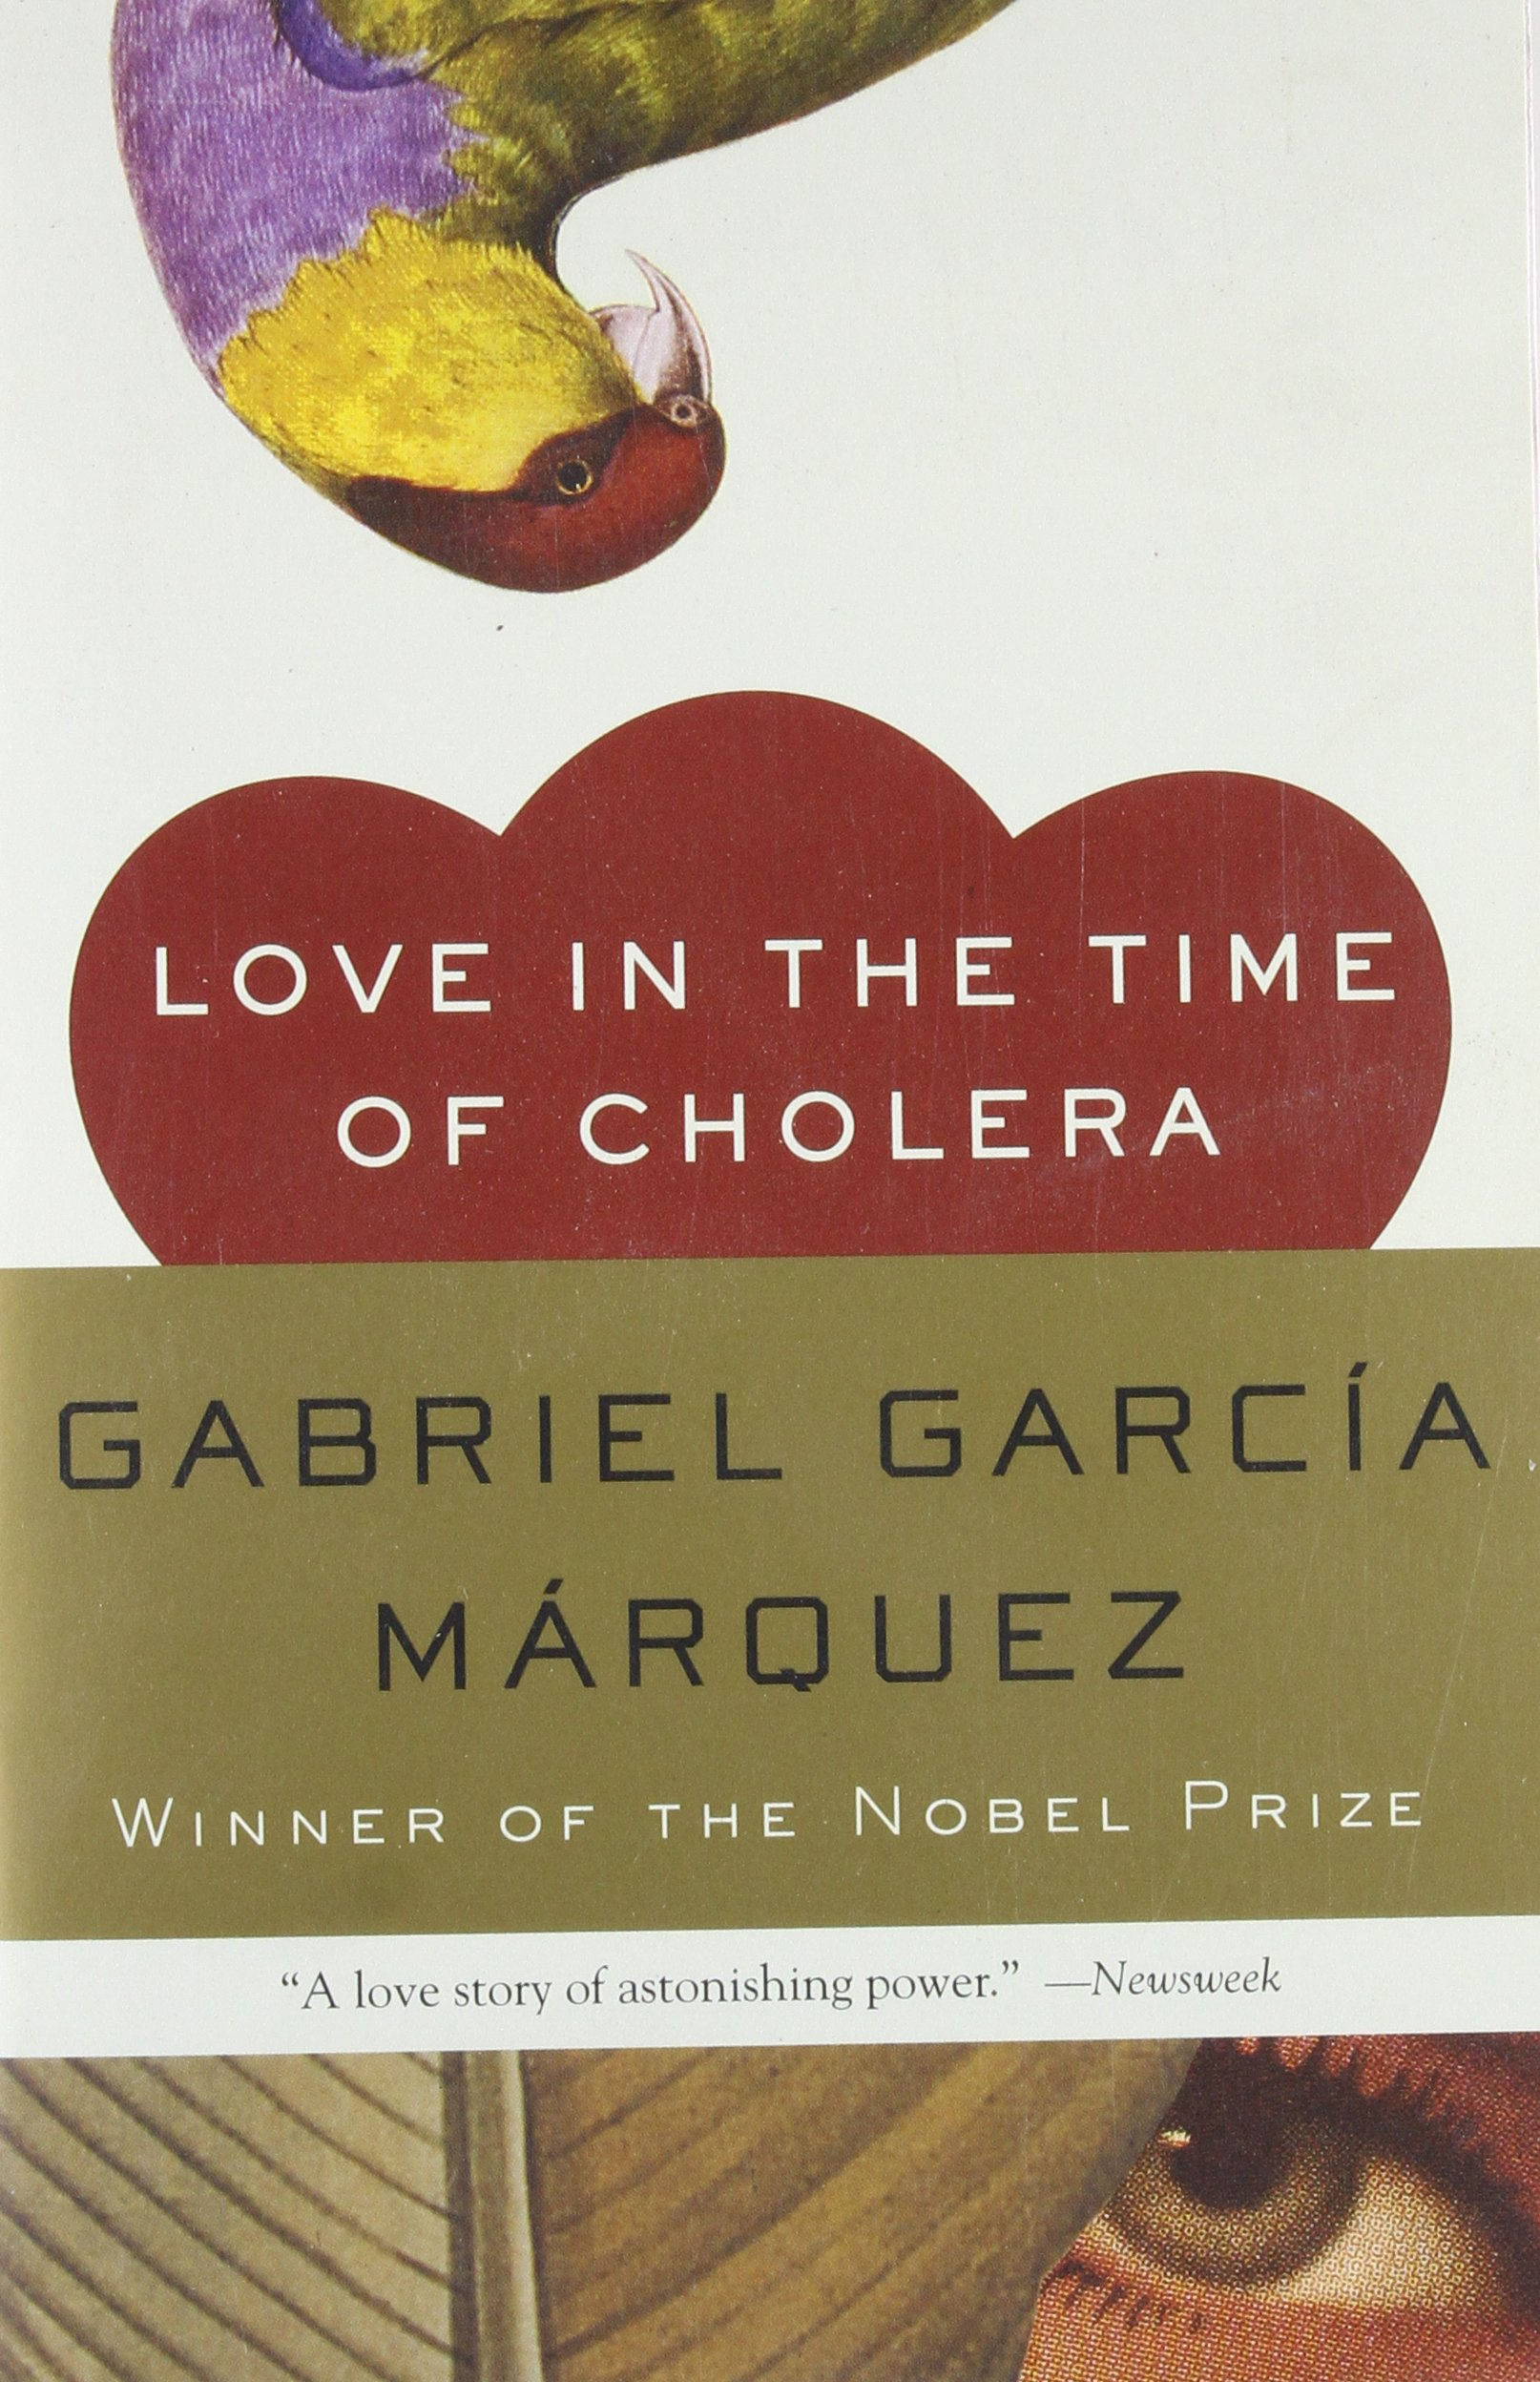 Love_Time_Cholera.jpg